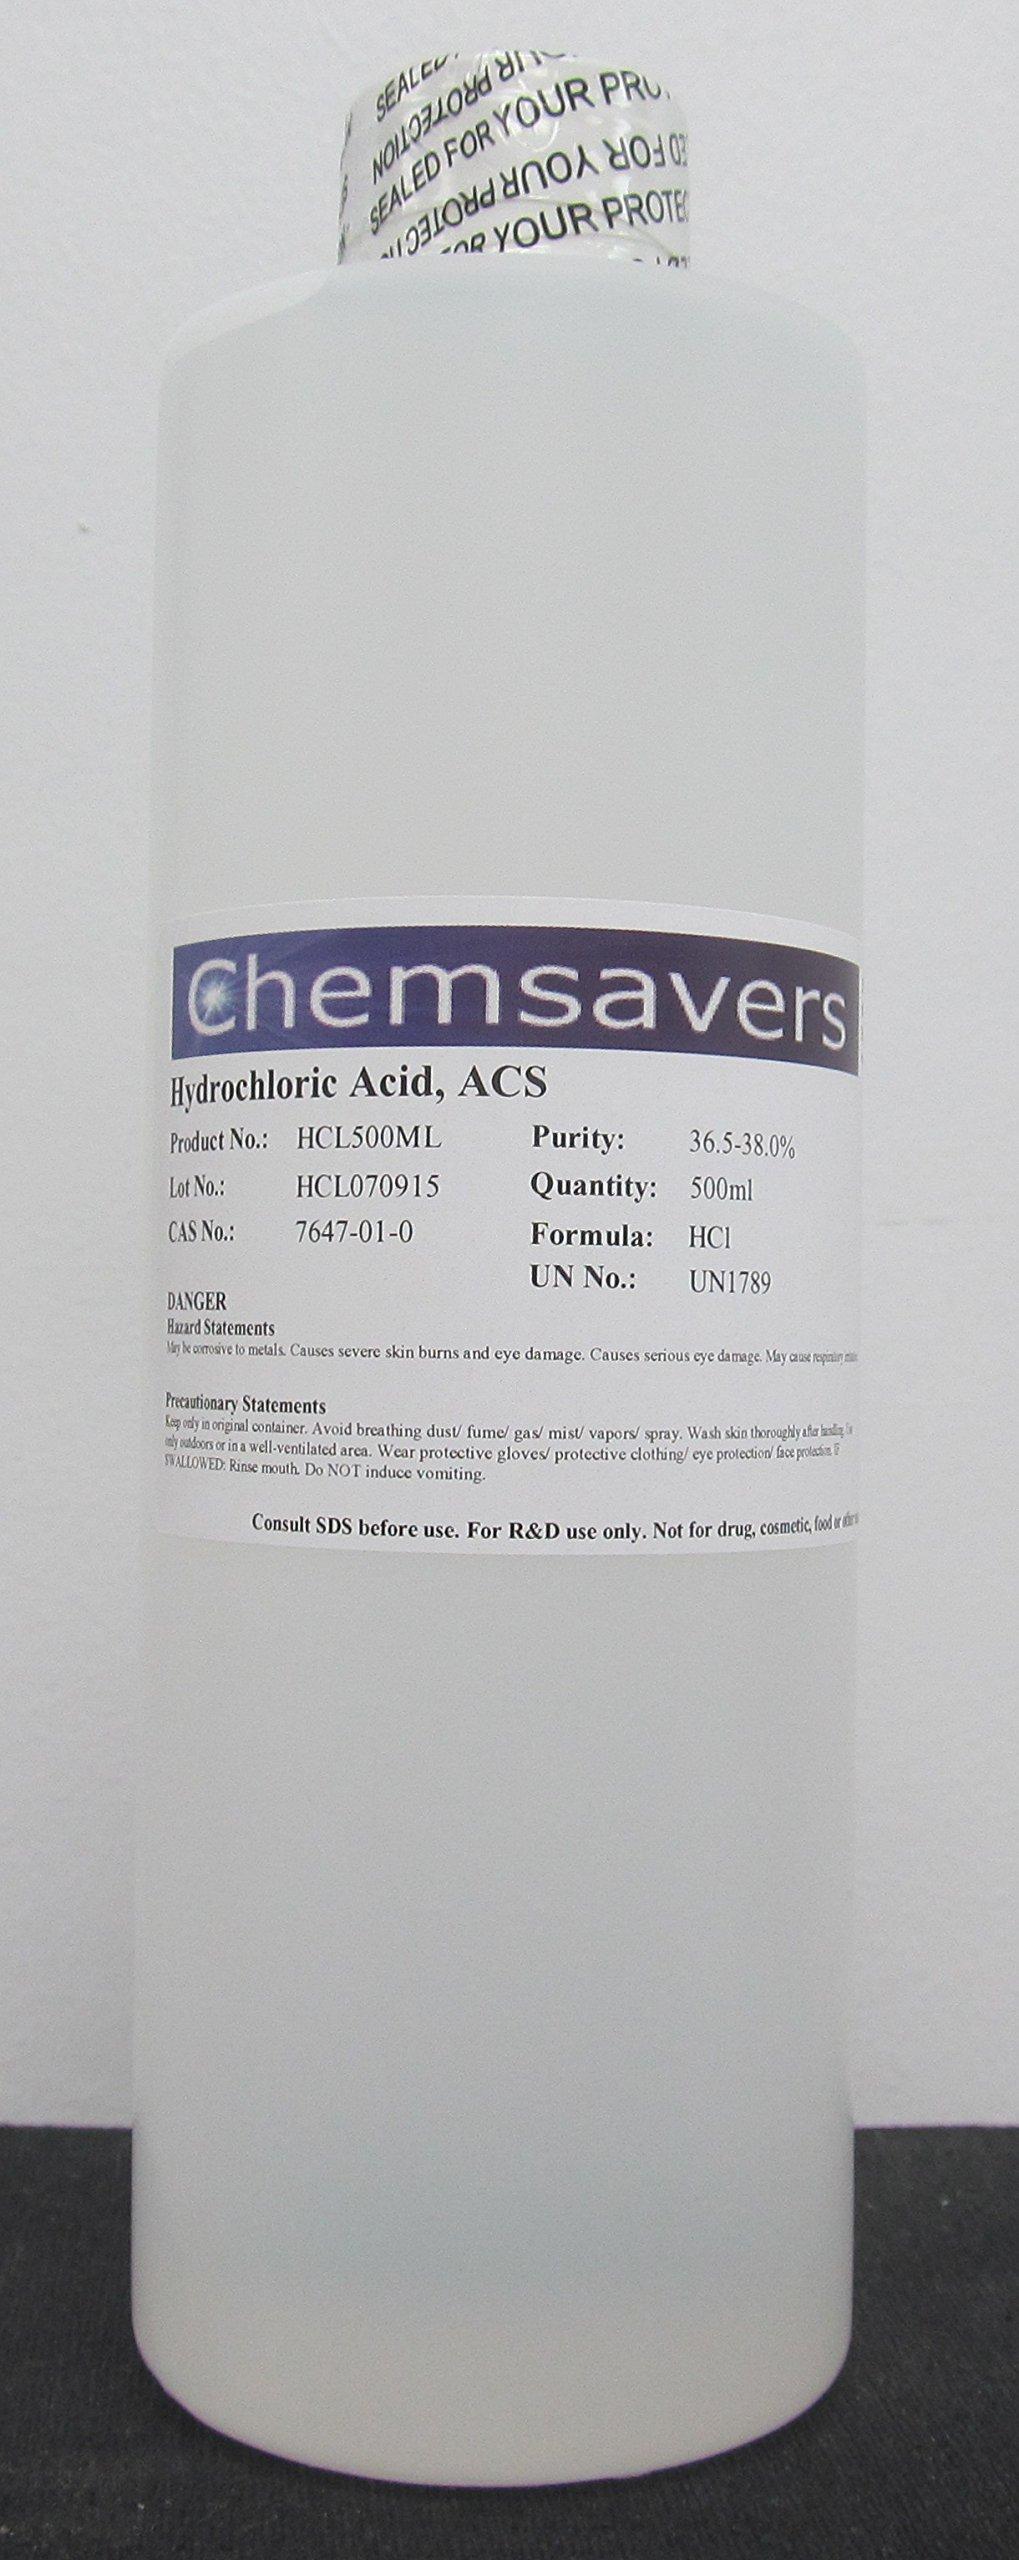 Hydrochloric Acid, ACS, 36.5-38.0%, 500ml